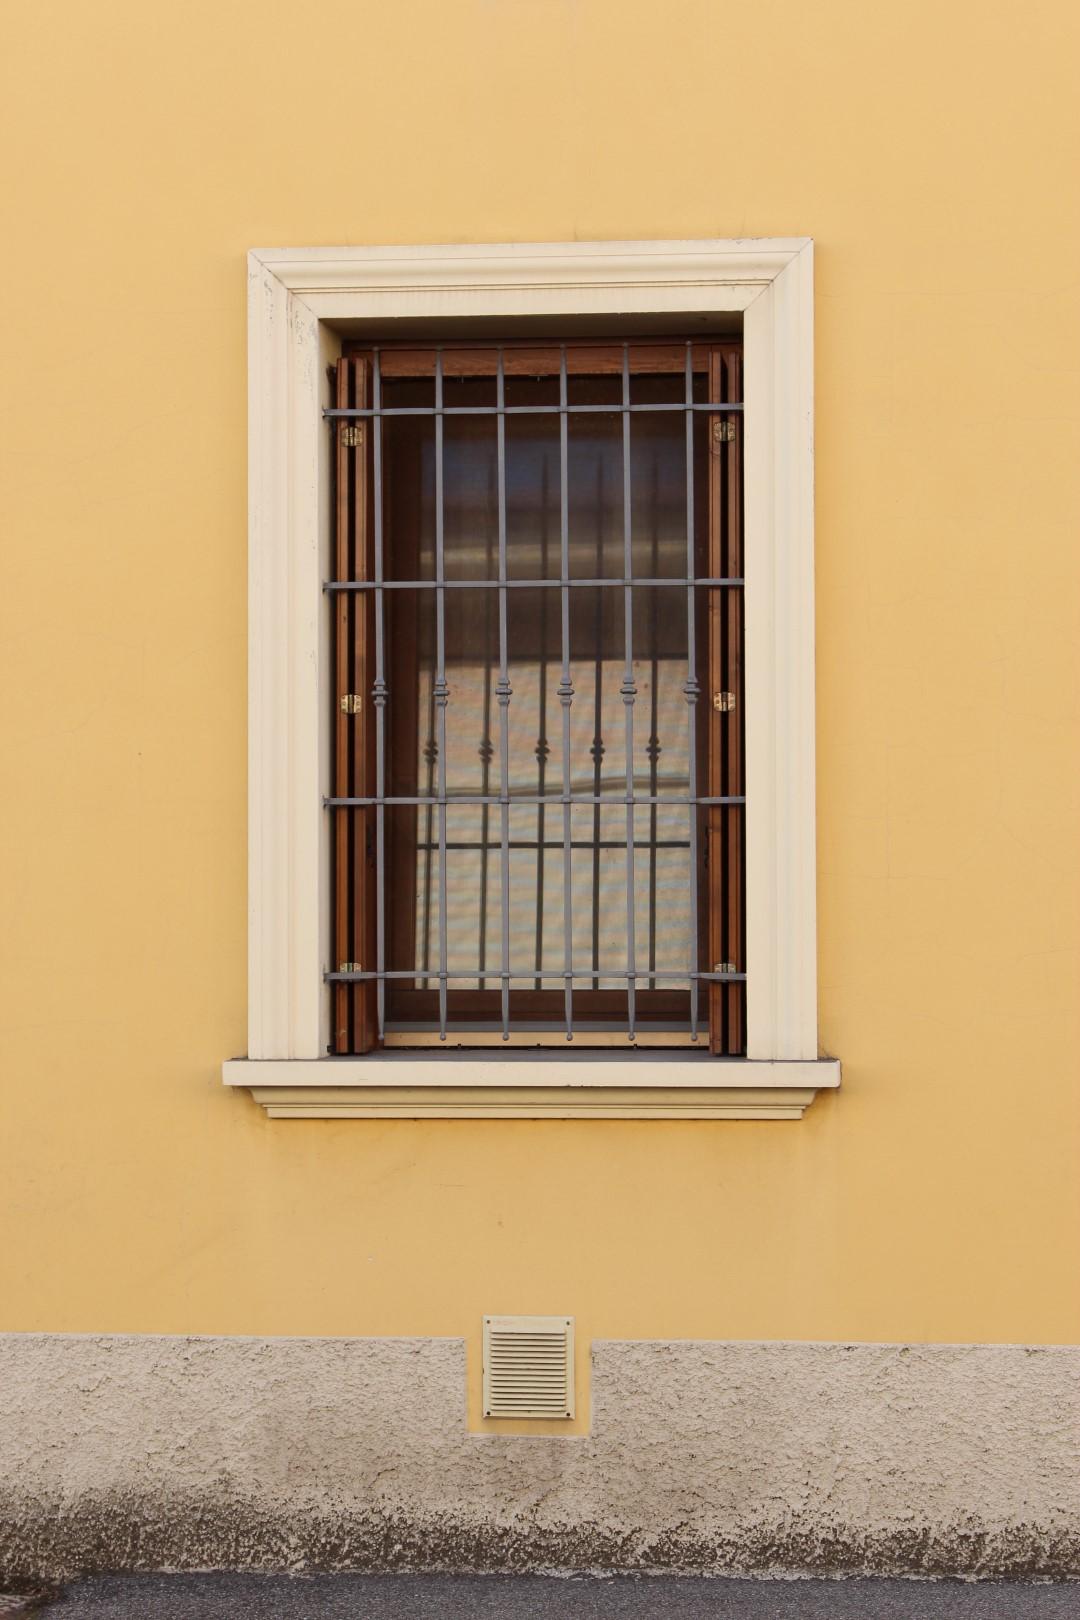 Condominio Porzio - Casalmaggiore (CR)